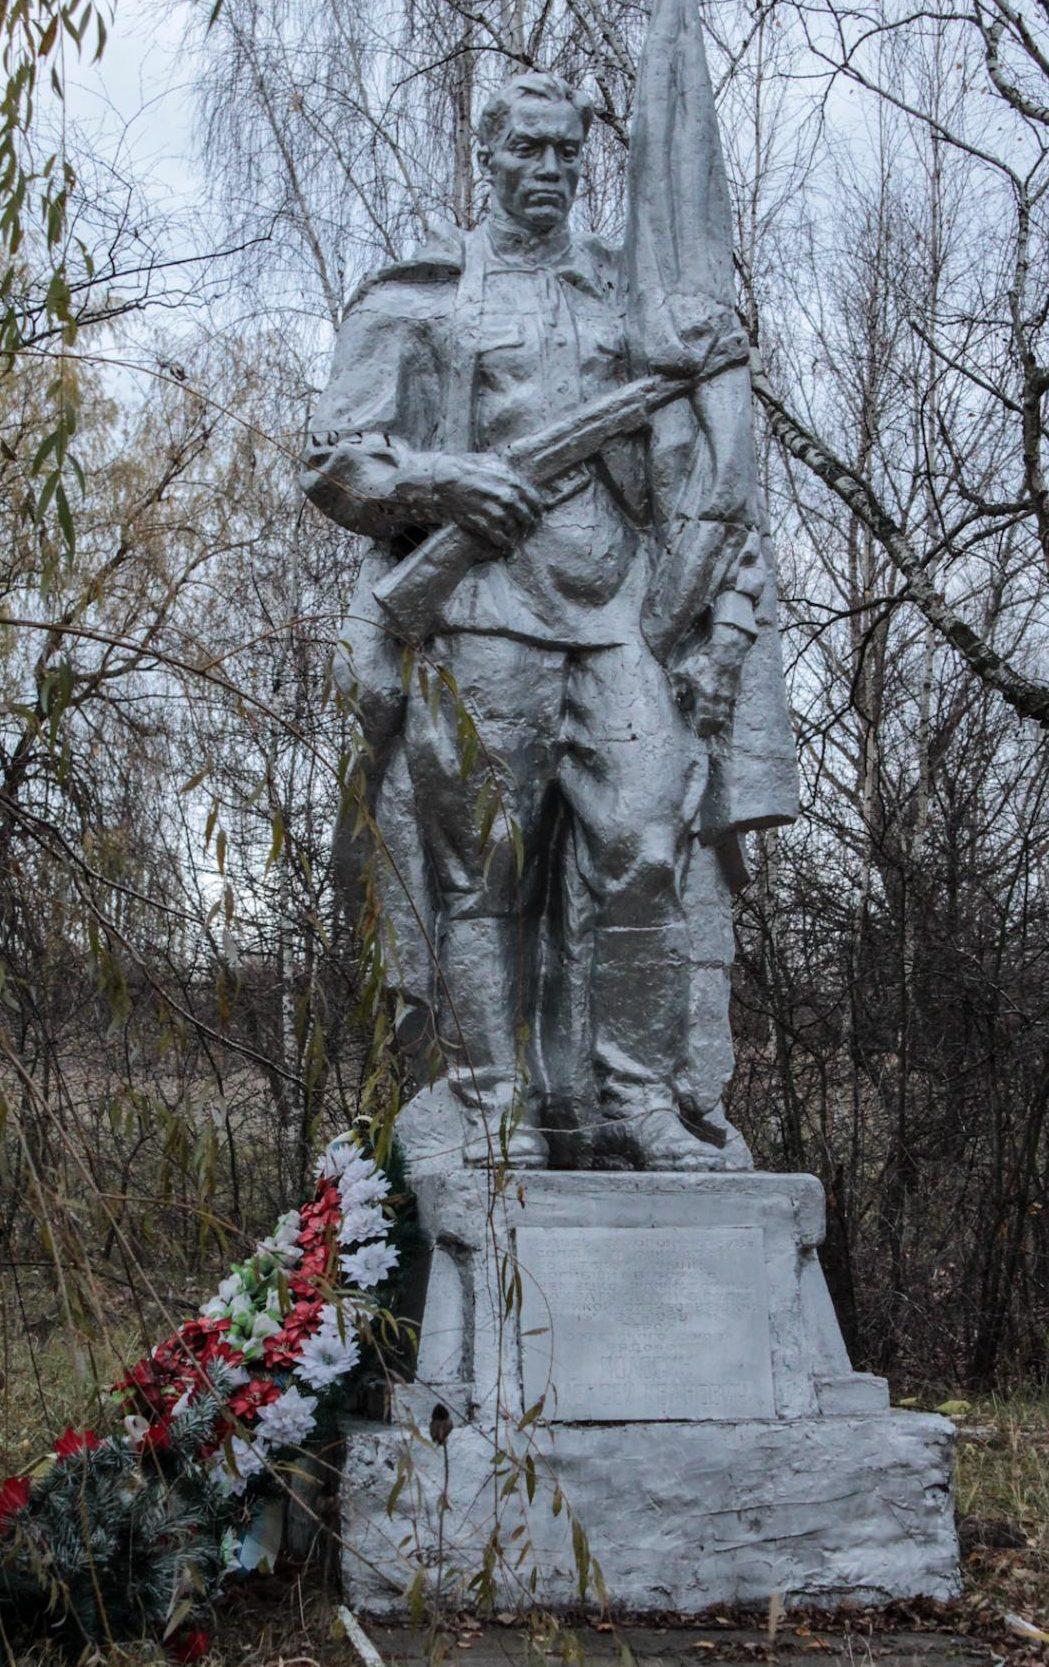 с. Медвин Иванковского р-на. Памятник, установленный на братской могиле, в которой захоронены 376 воинов, погибших в годы войны.